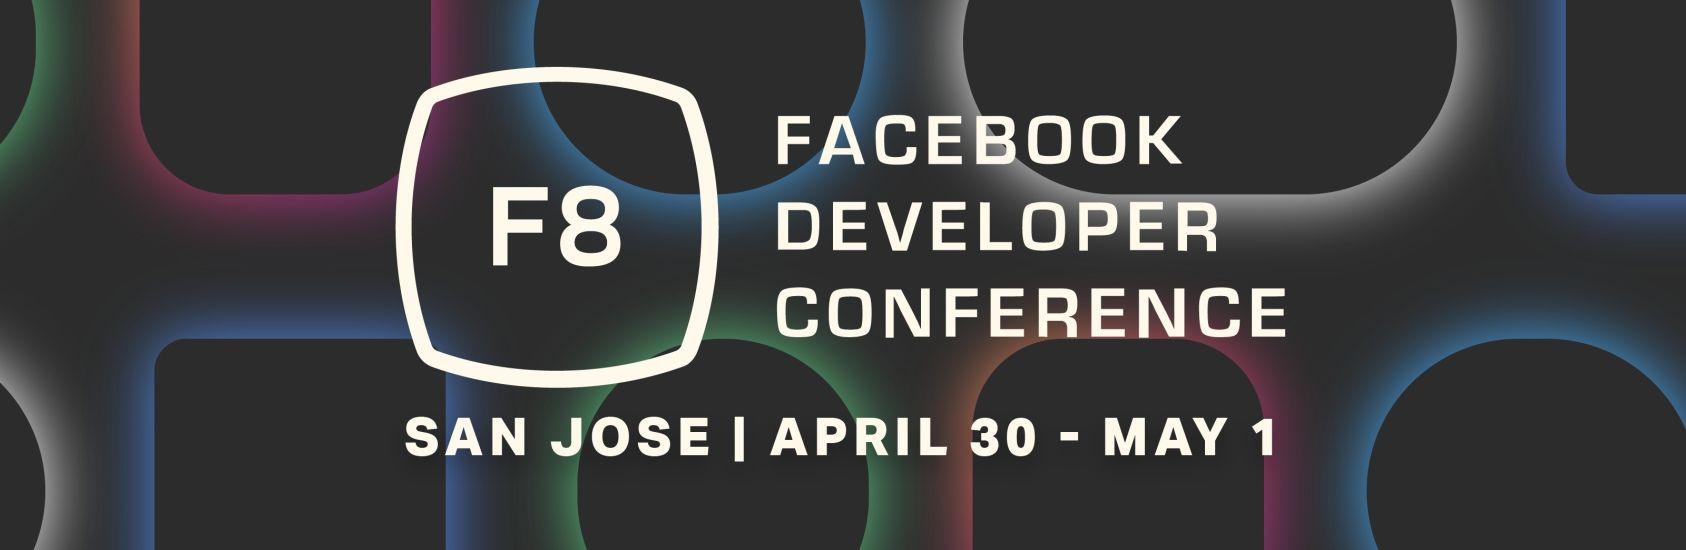 Conferencia de desarrolladores F8 Facebook 2019